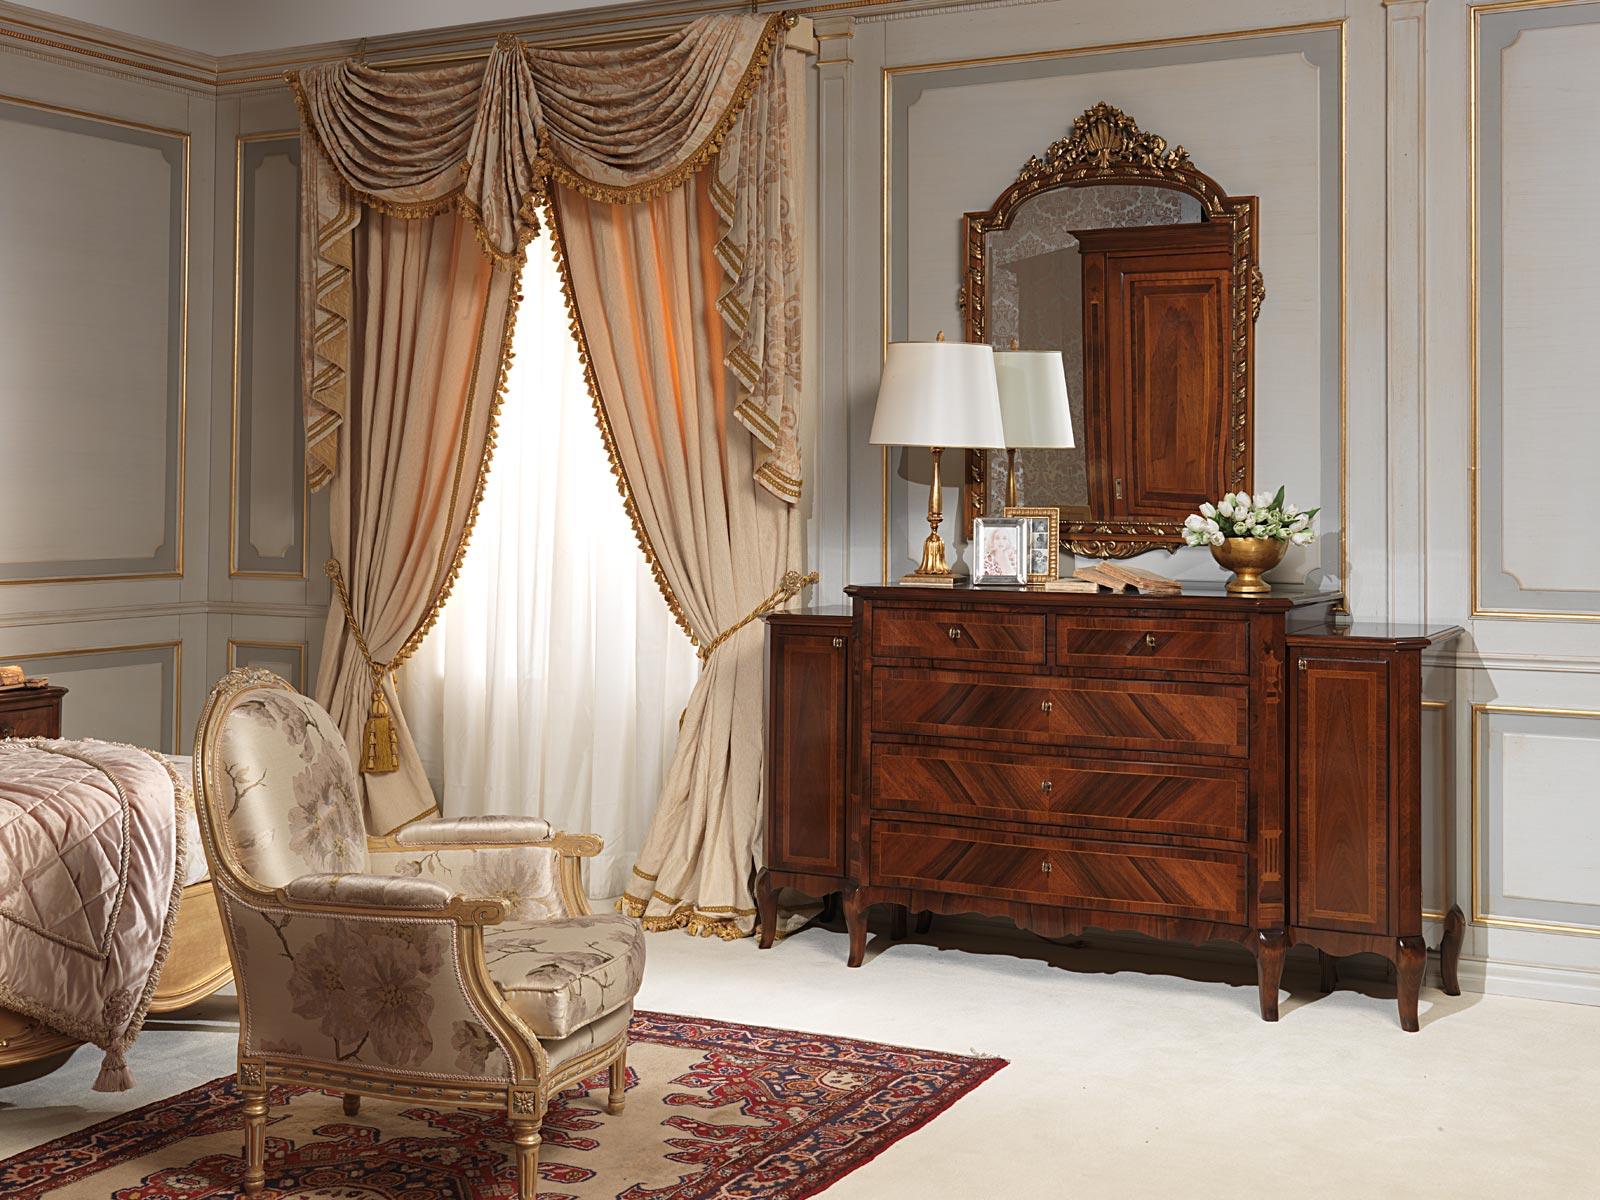 Camera da letto 800 francese, comò in noce, specchiera e poltroncina